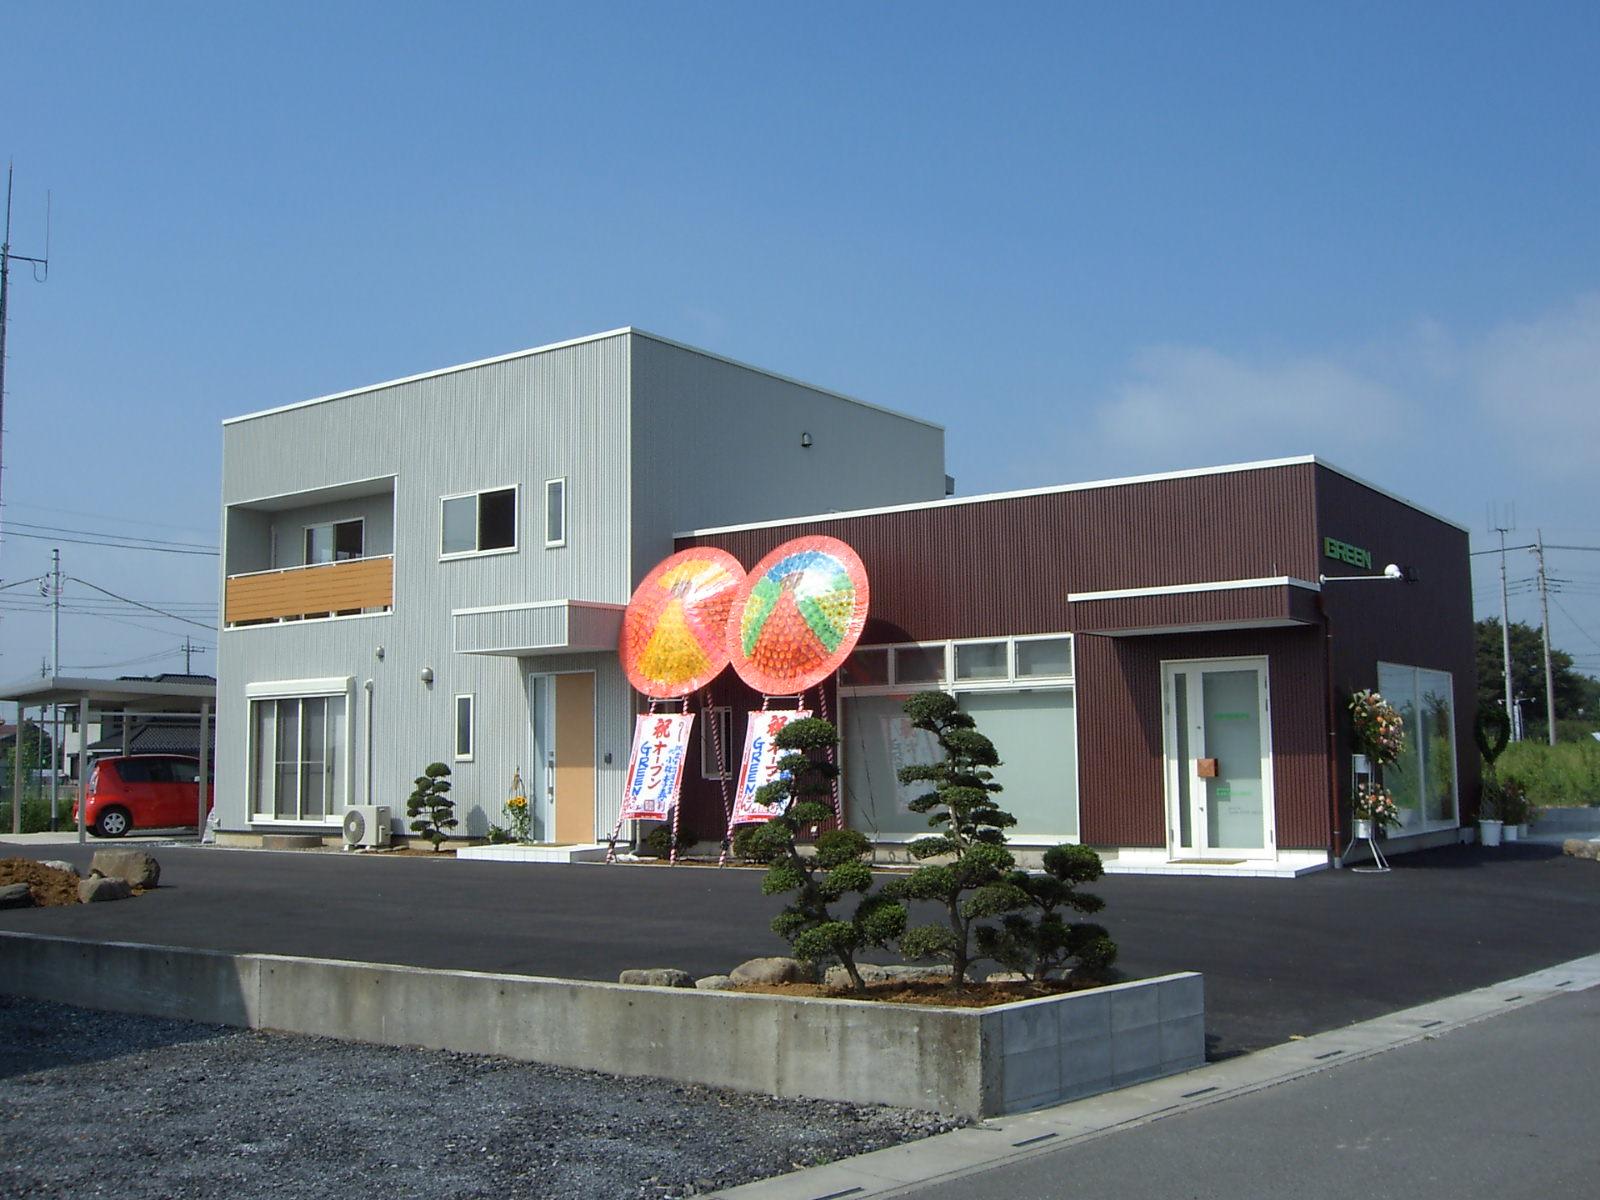 有)中山工務店|埼玉県|熊谷市|新築・注文住宅を工務店で建てるなら ...